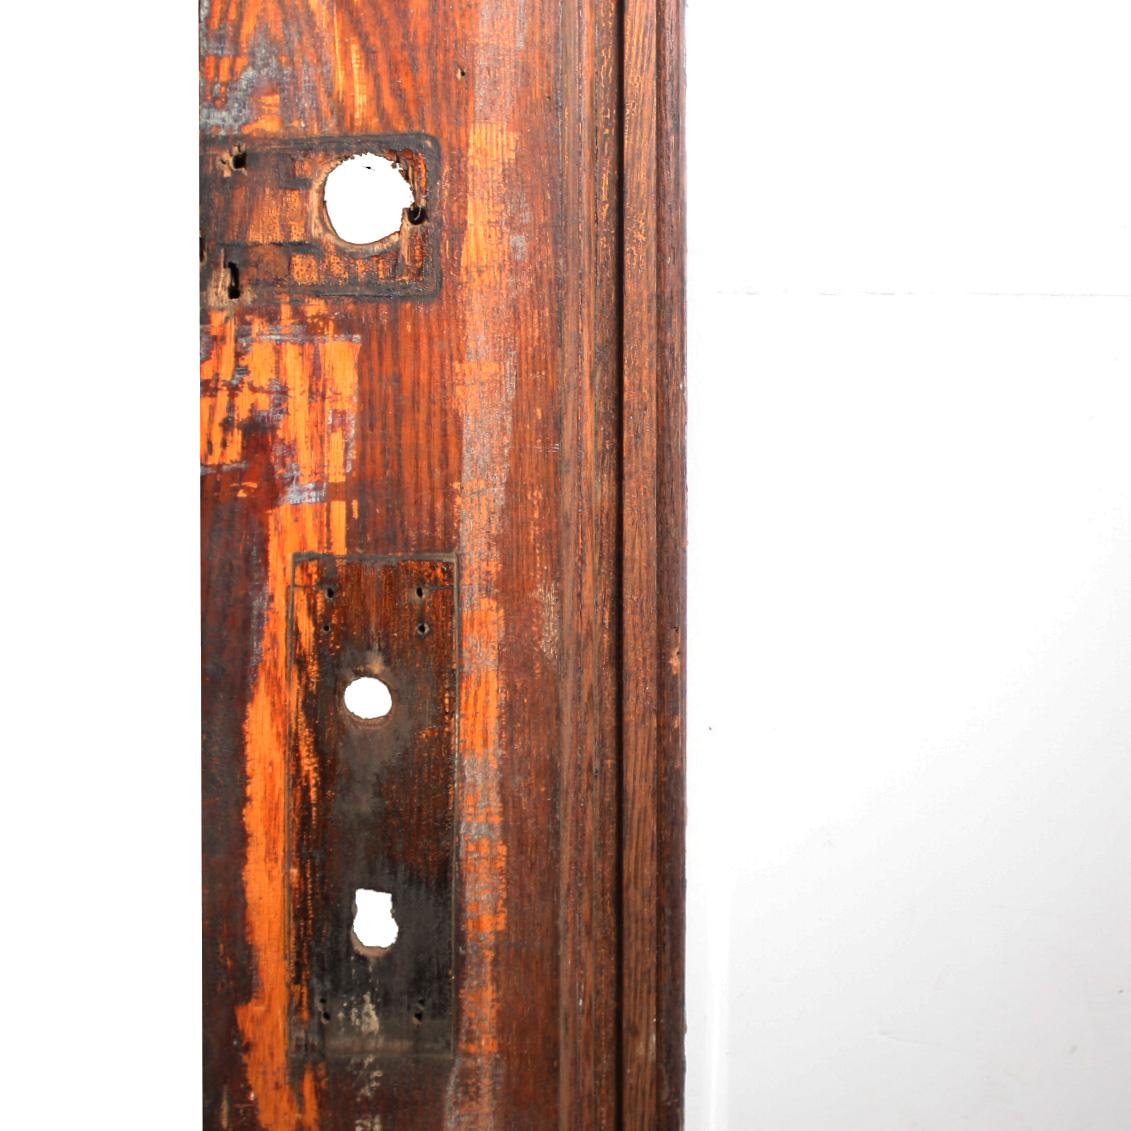 Top 30 34 inch entry door | Emejing 34 Exterior Door Images ...